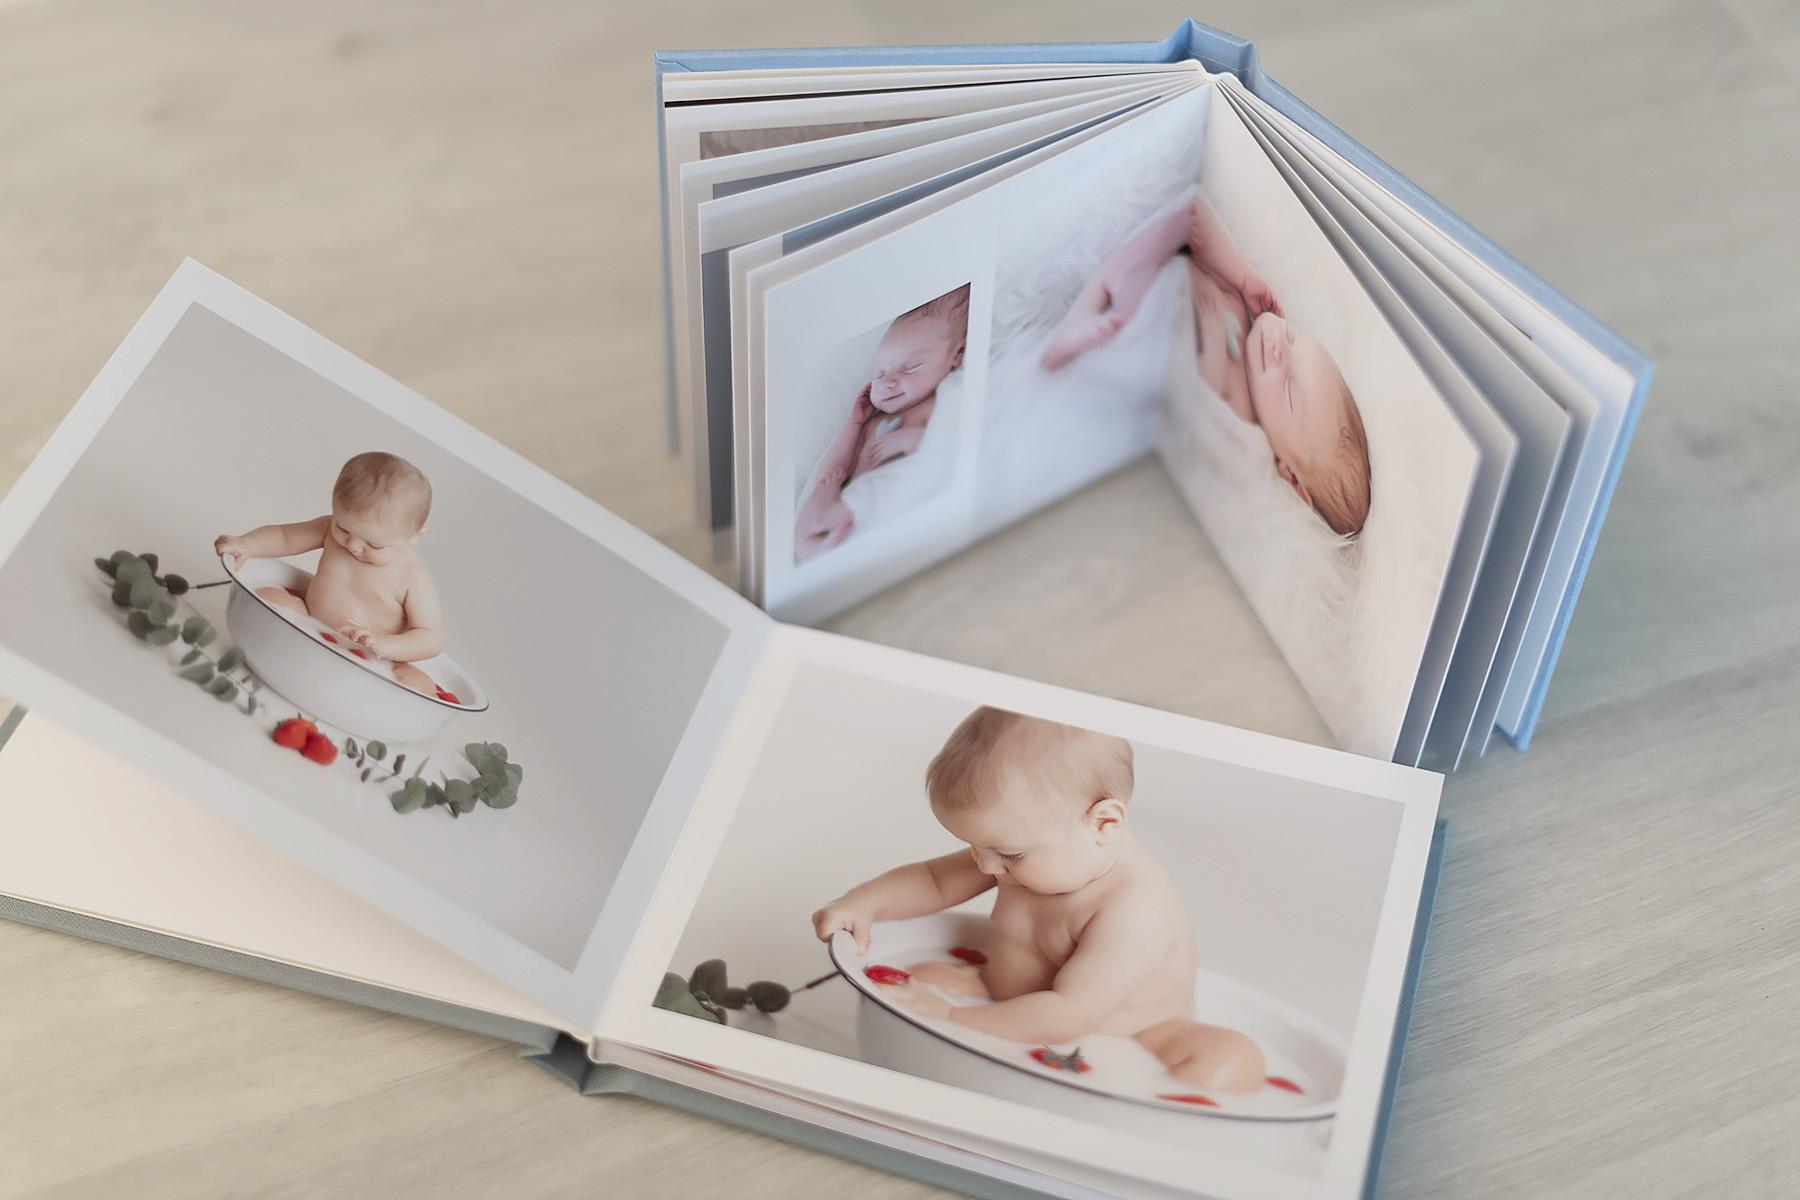 BILDEALBUM - Sikre bildene i et album som varer i generasjoner.